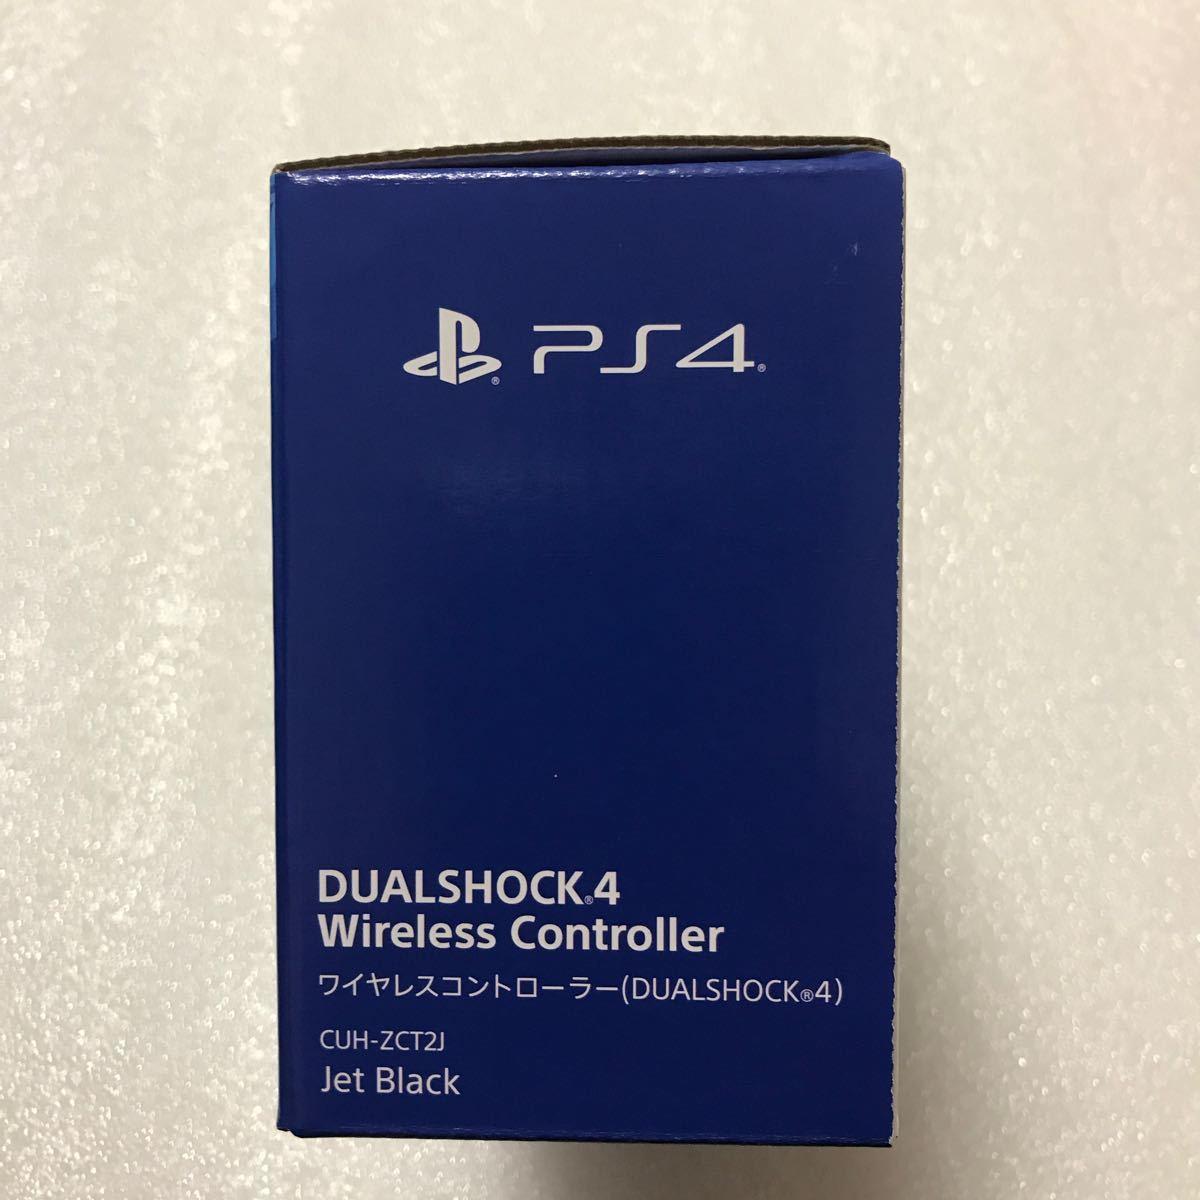 新品未使用 PS4 DUALSHOCK4 ジェット・ブラック純正品★ PS4コントローラー★デュアルショック4